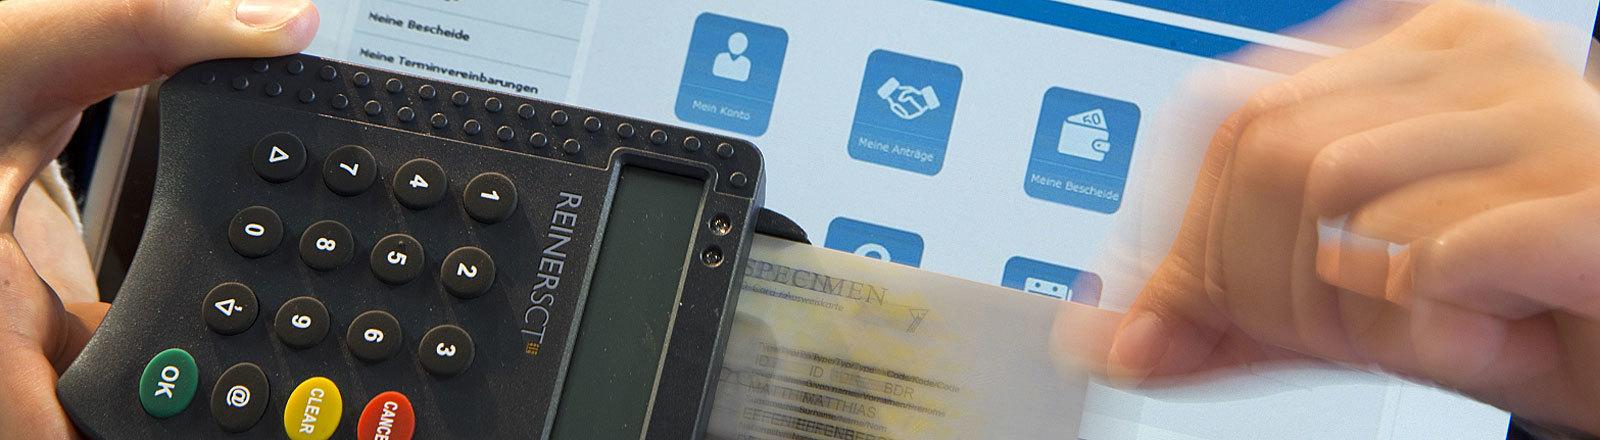 Ein Muster eines elektronischen Personalausweises wird in ein spezielles Lesegerät für den neuen Personalausweis gesteckt.